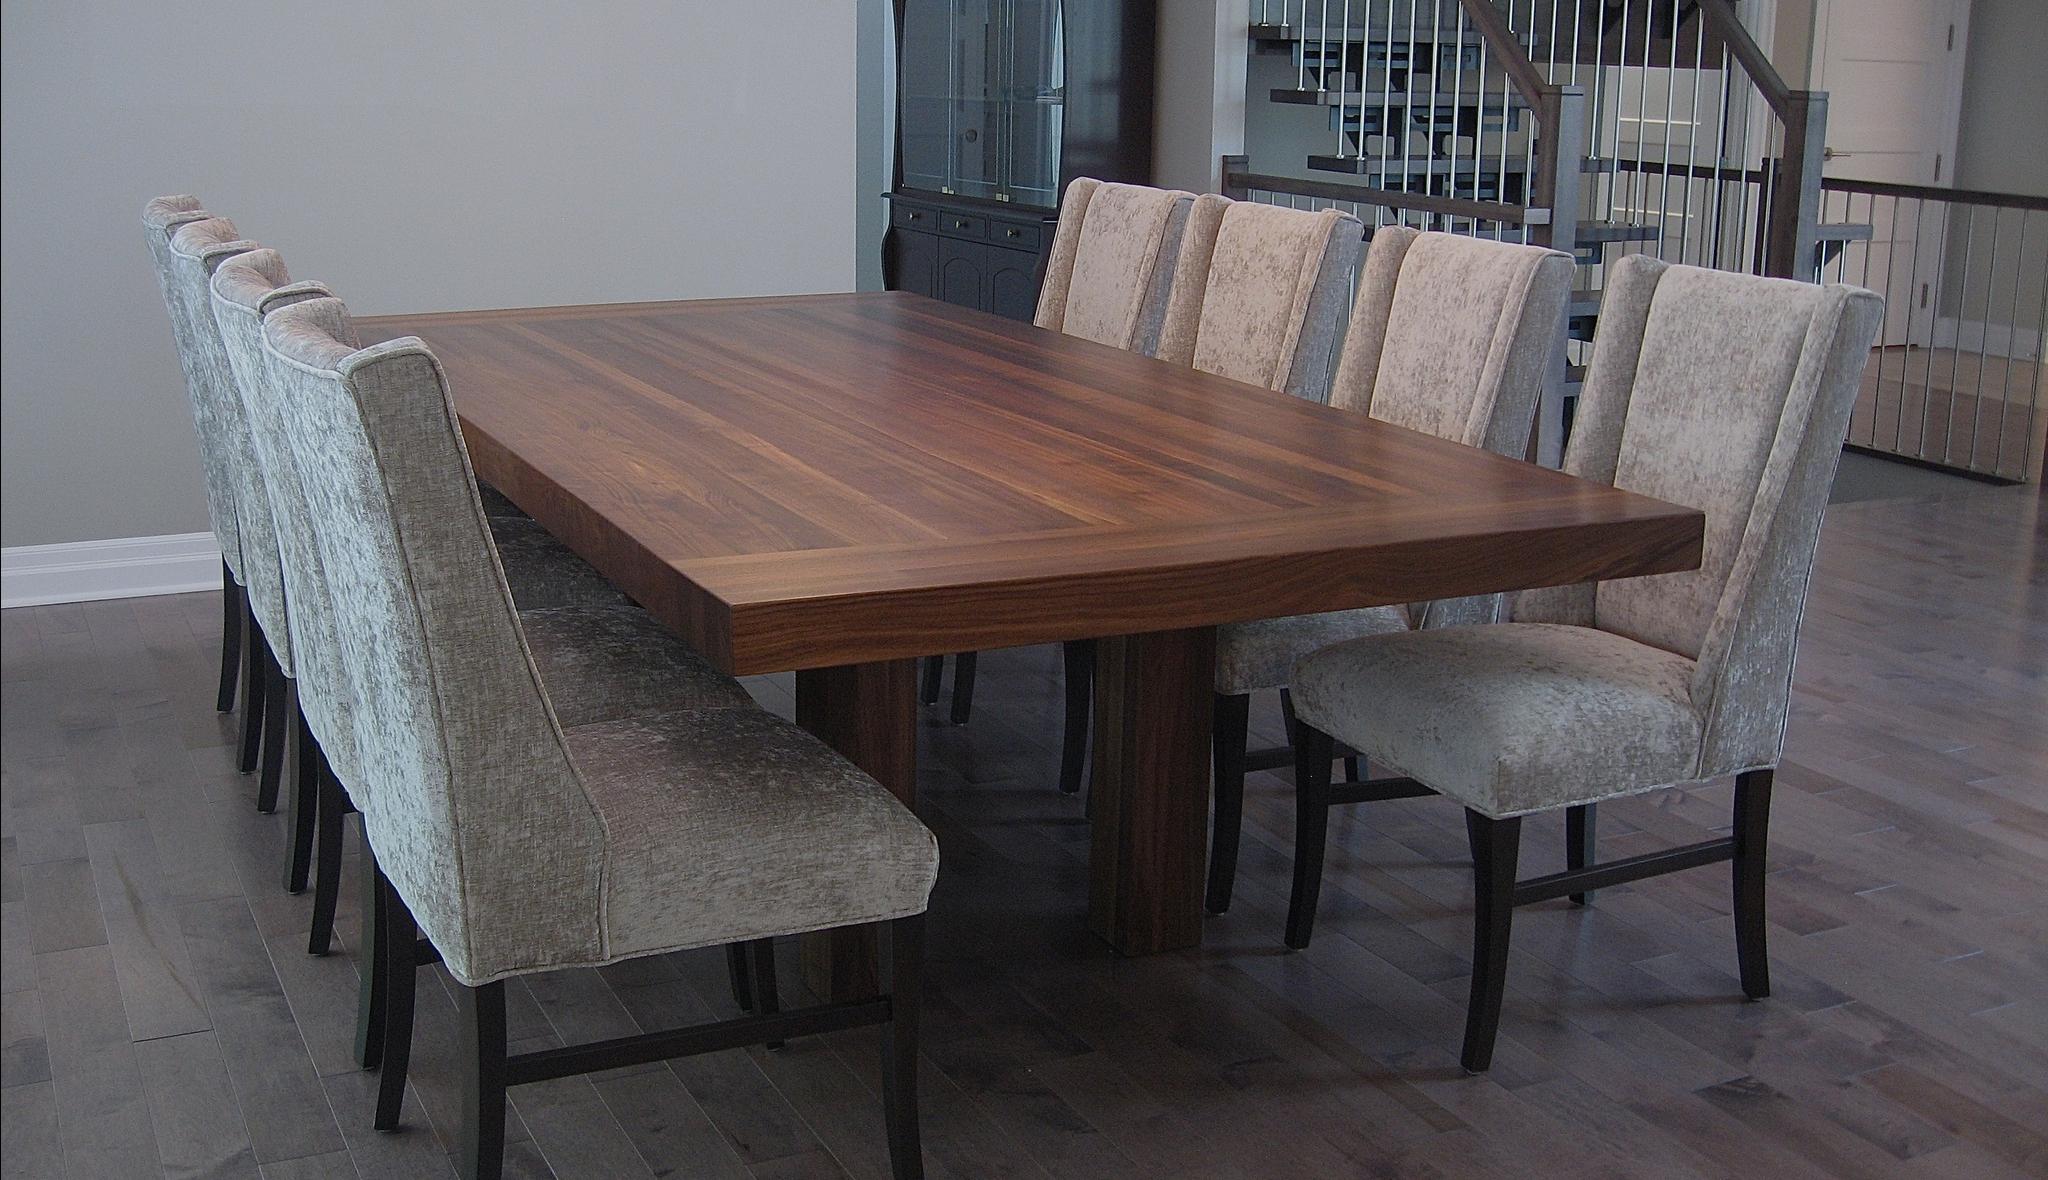 Table des maîtres en bois